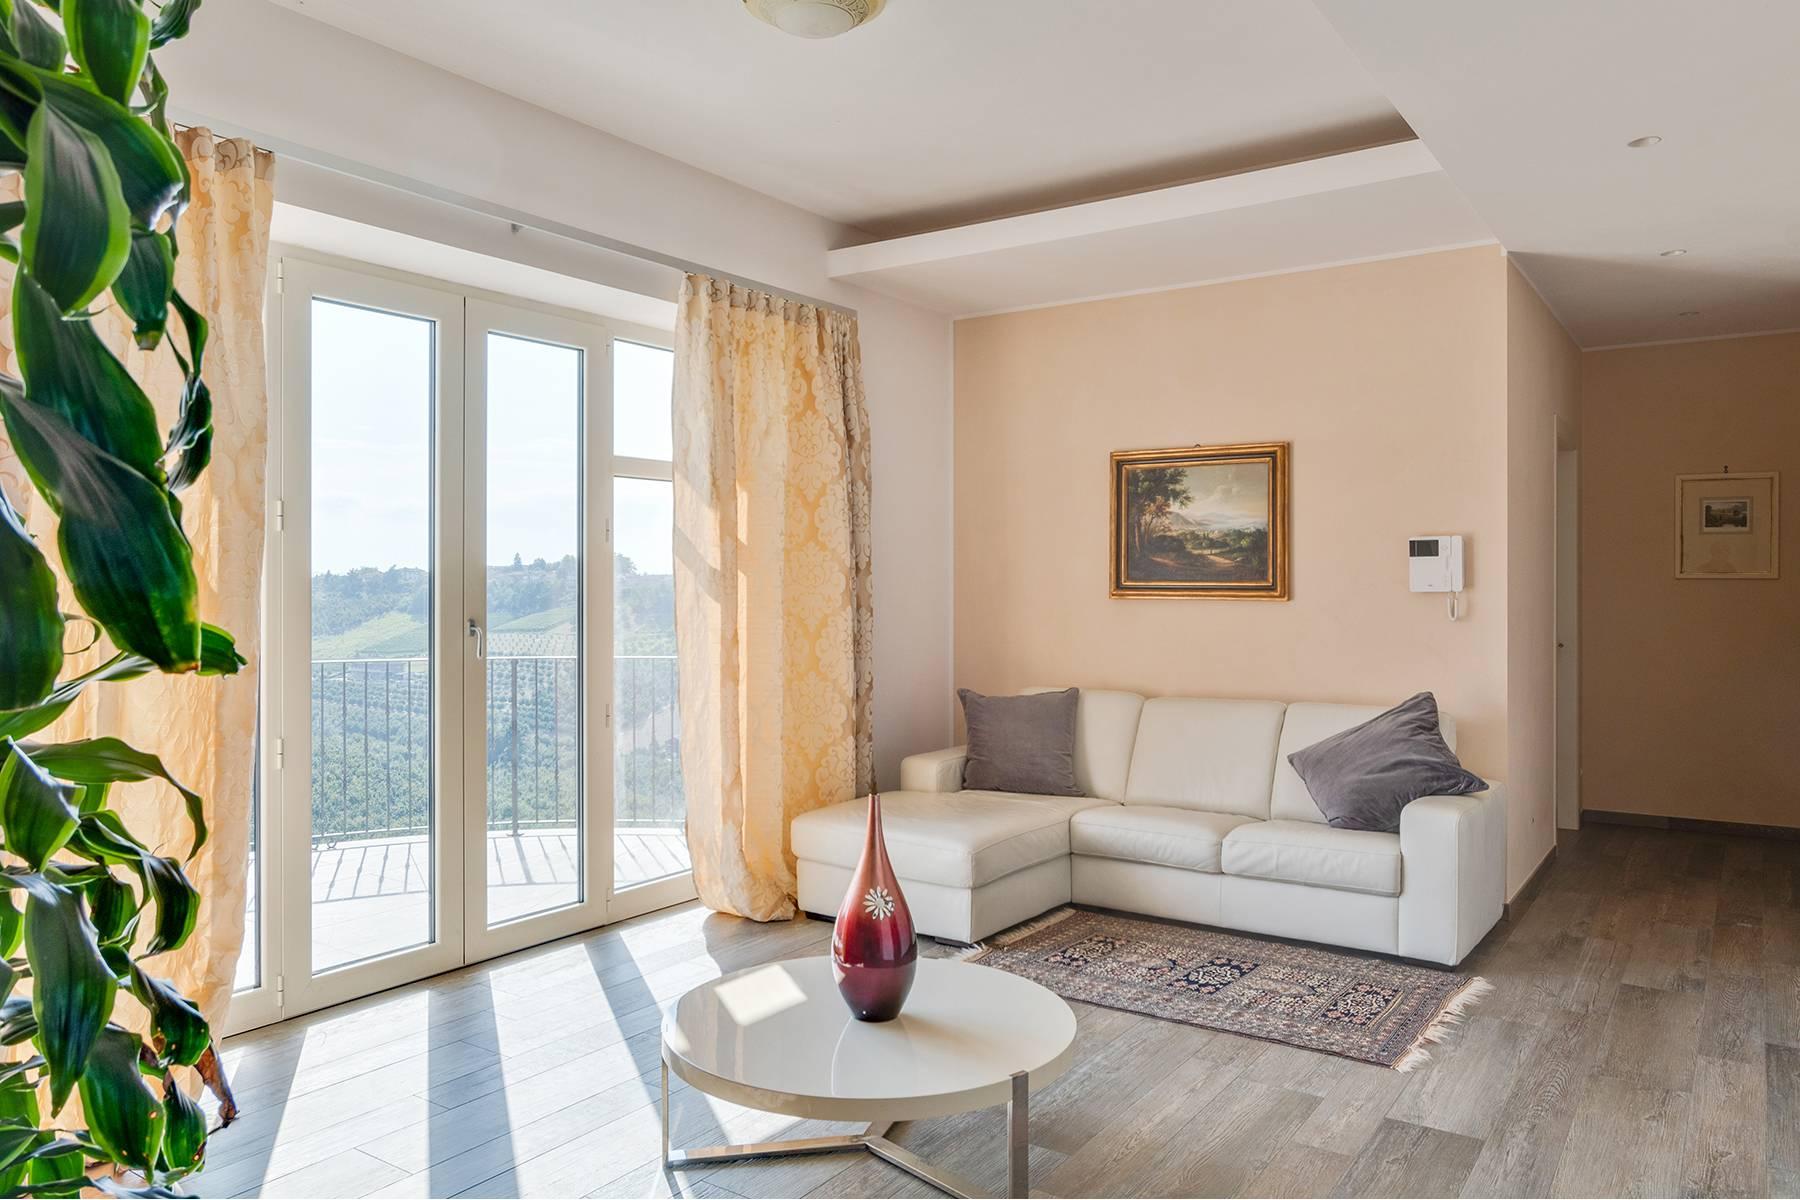 Villa in Vendita a Govone: 5 locali, 430 mq - Foto 5